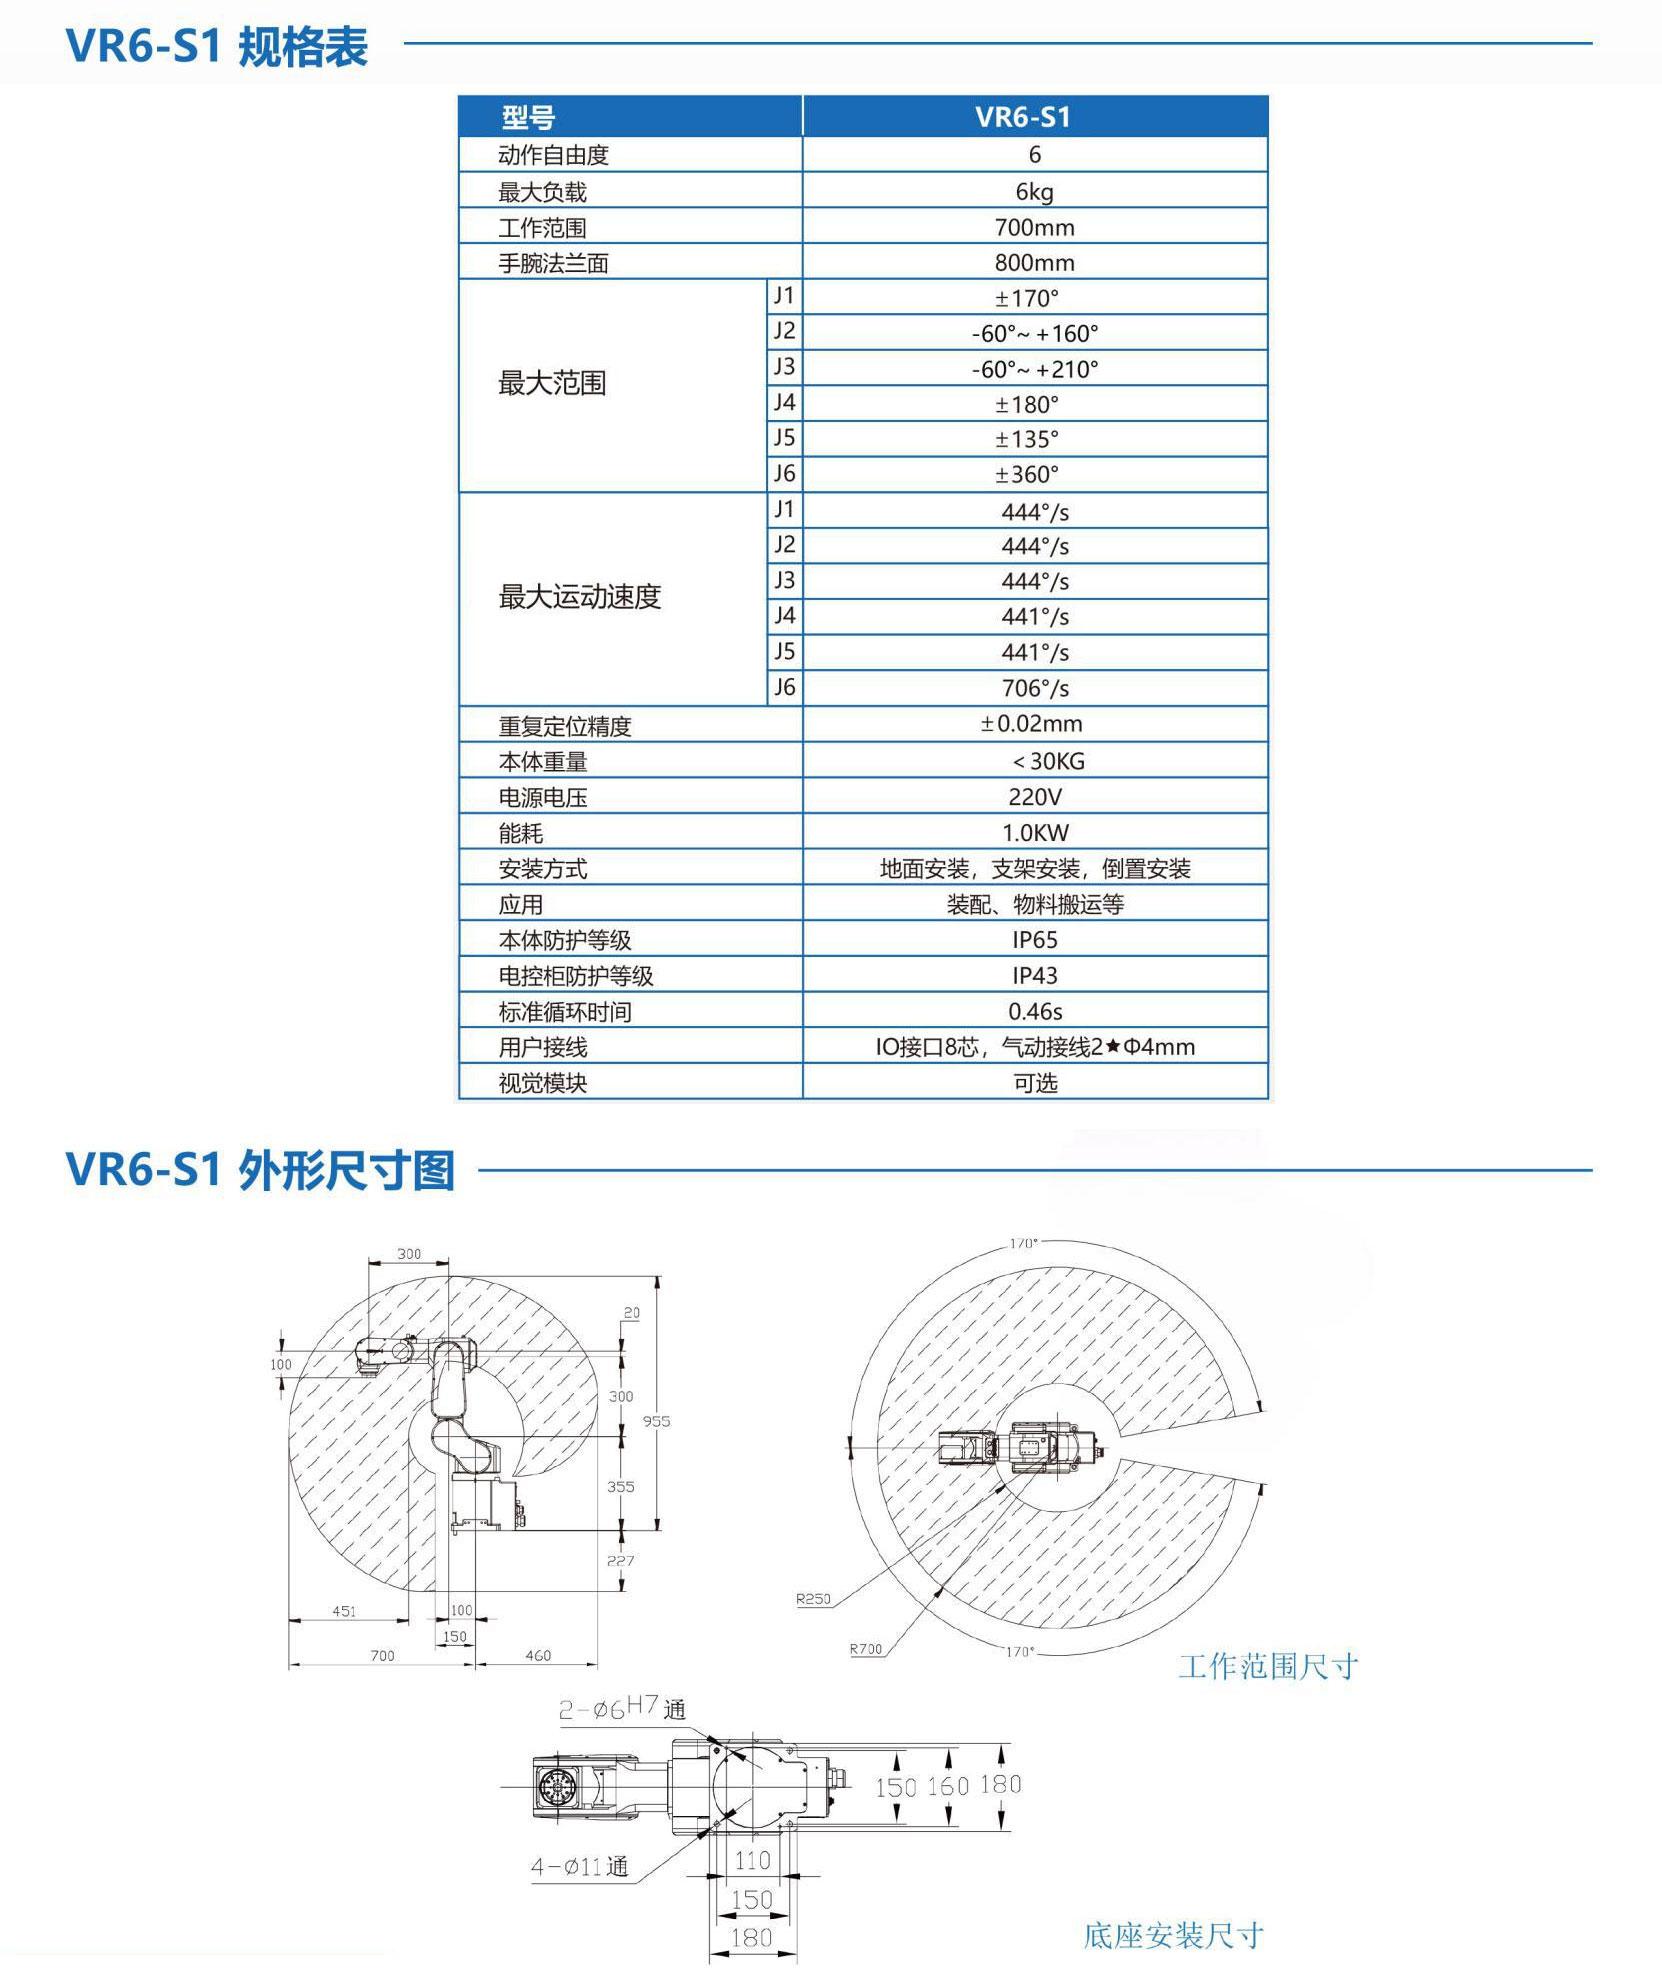 6Kg 六关节机器人 桌面型(2019款)